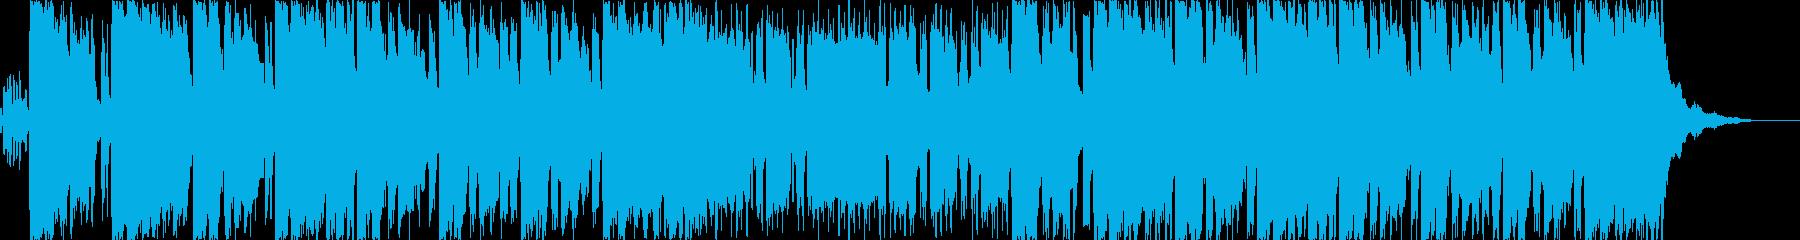 インドや中近東アフリカ的なエスニック曲の再生済みの波形